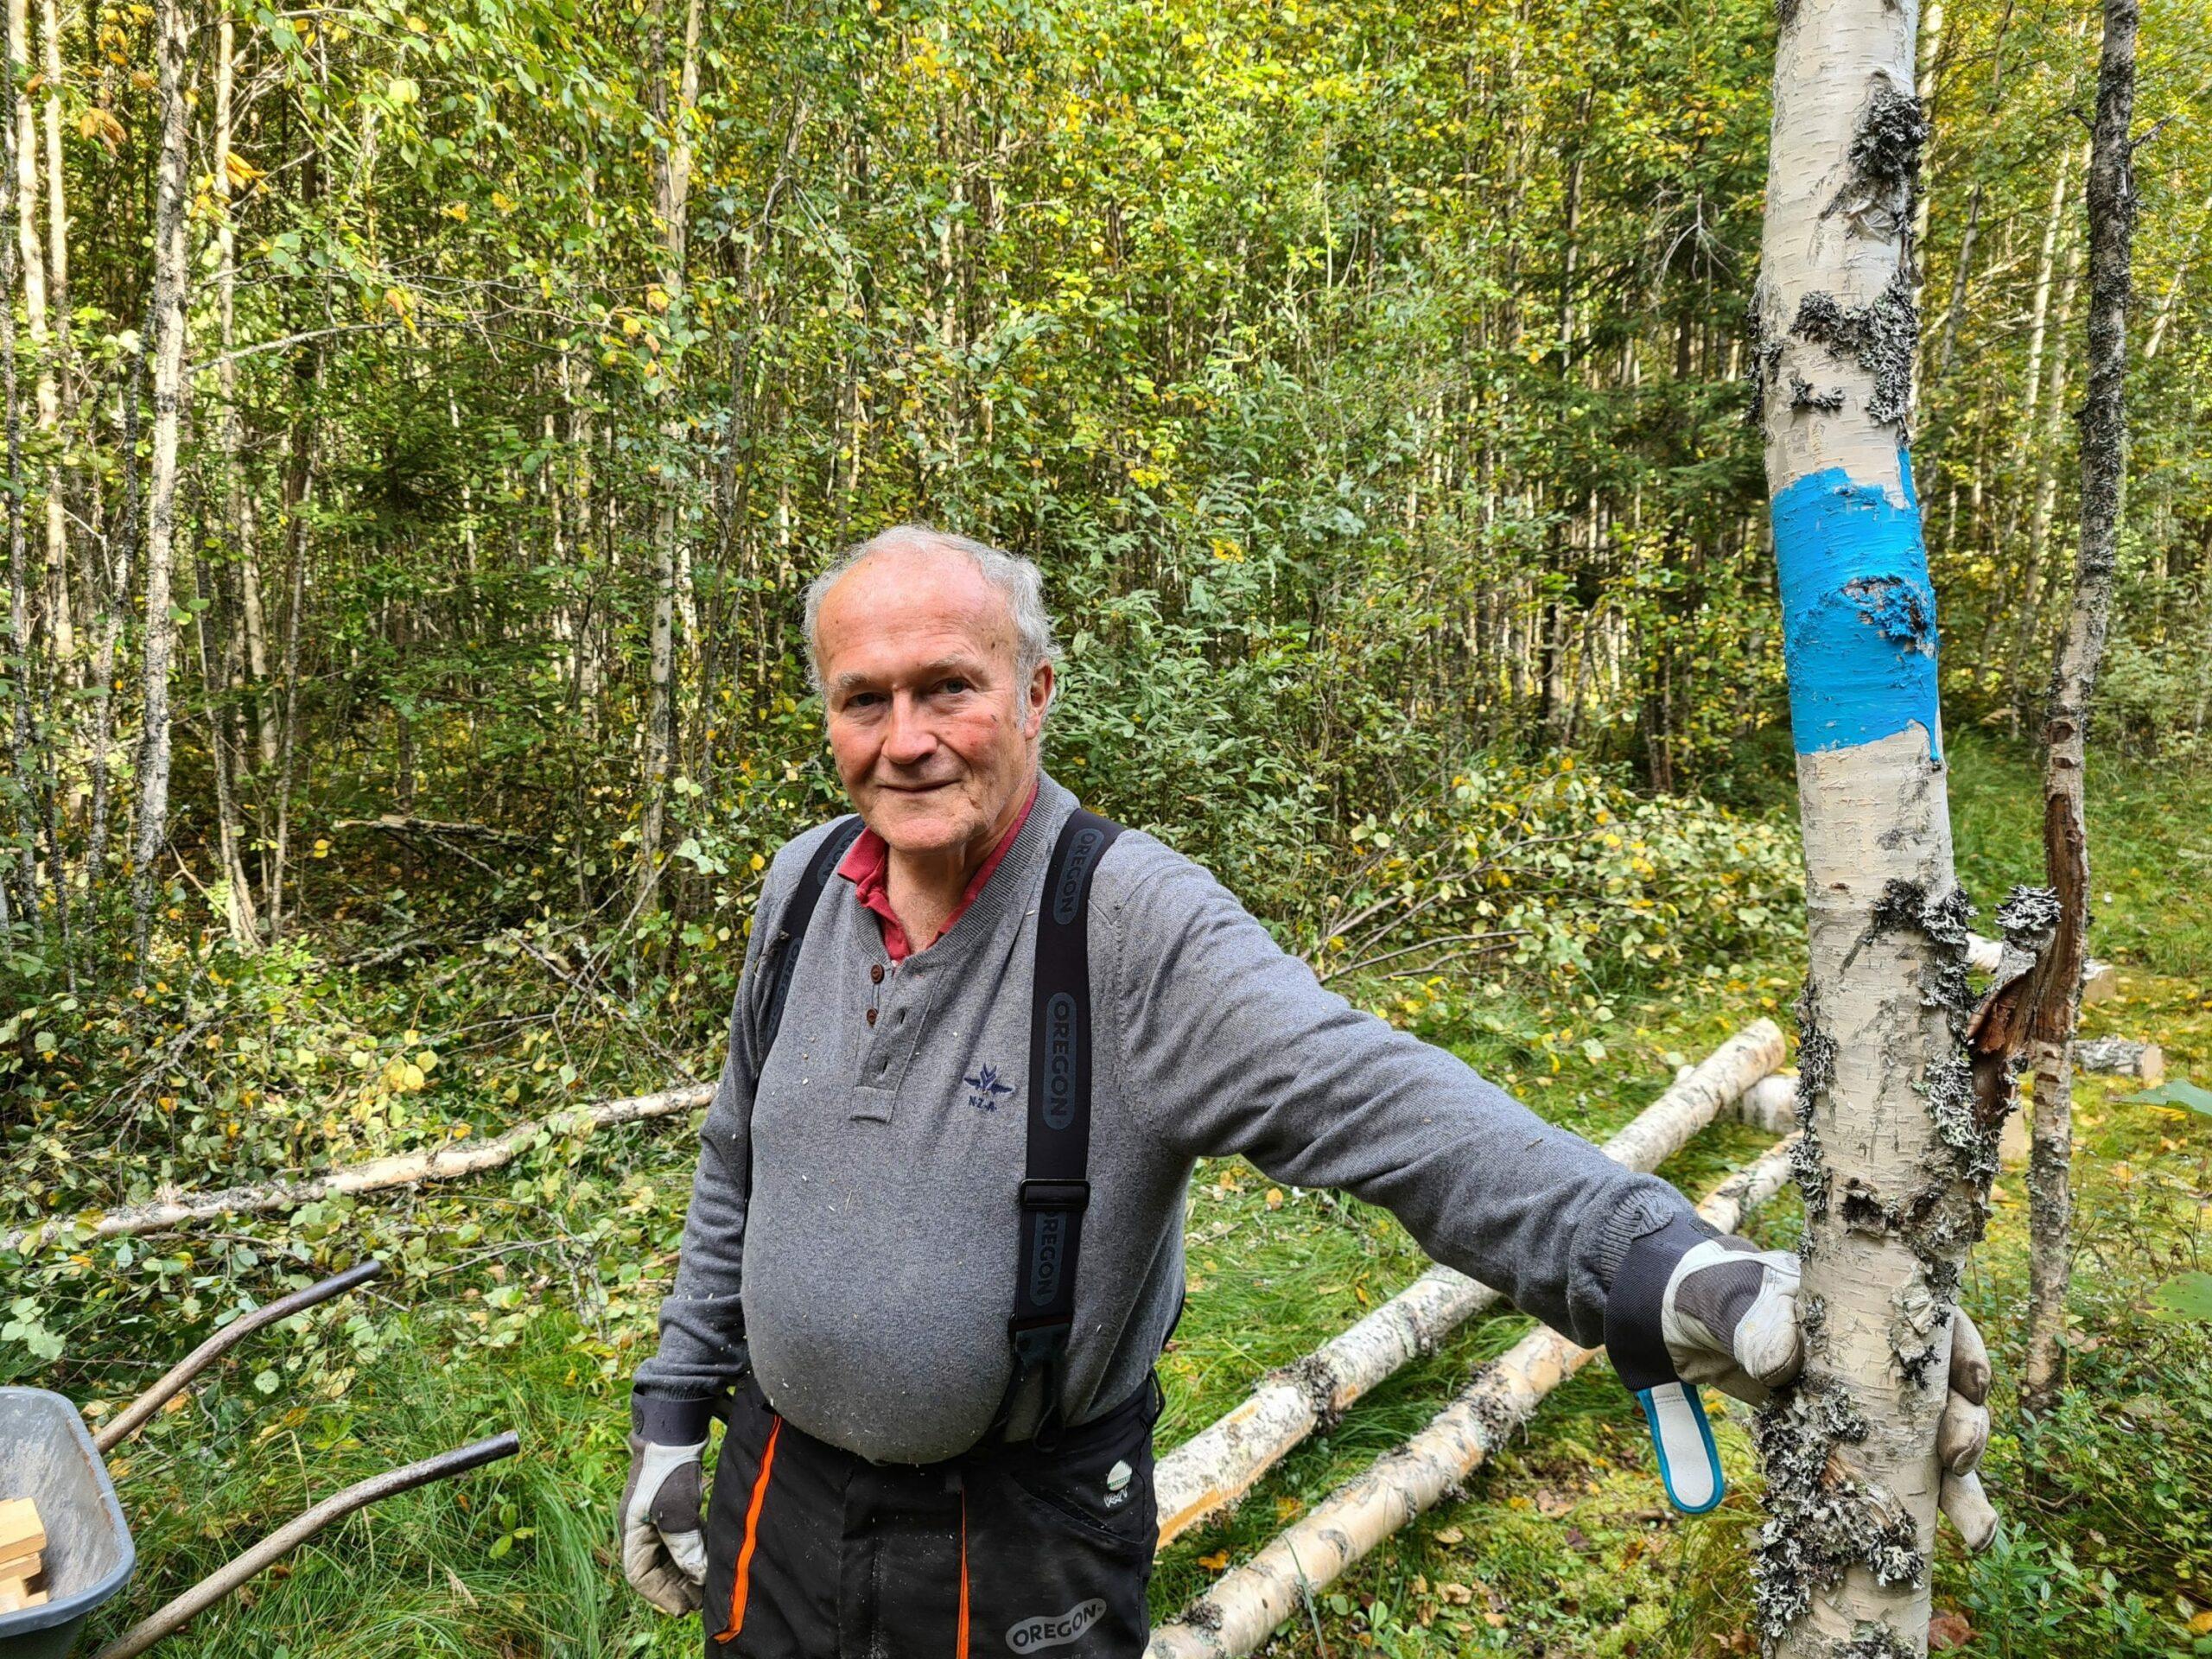 TRENGER FLERE HJELPERE: DNT Finnskogen og omegn avd. Solør søker flere som kan bli med å holde stier ved like. Knut Larsson har ansvaret for denne stien ved Trangenpasset, og sier det å være stifadder gir glede for både han og andre.